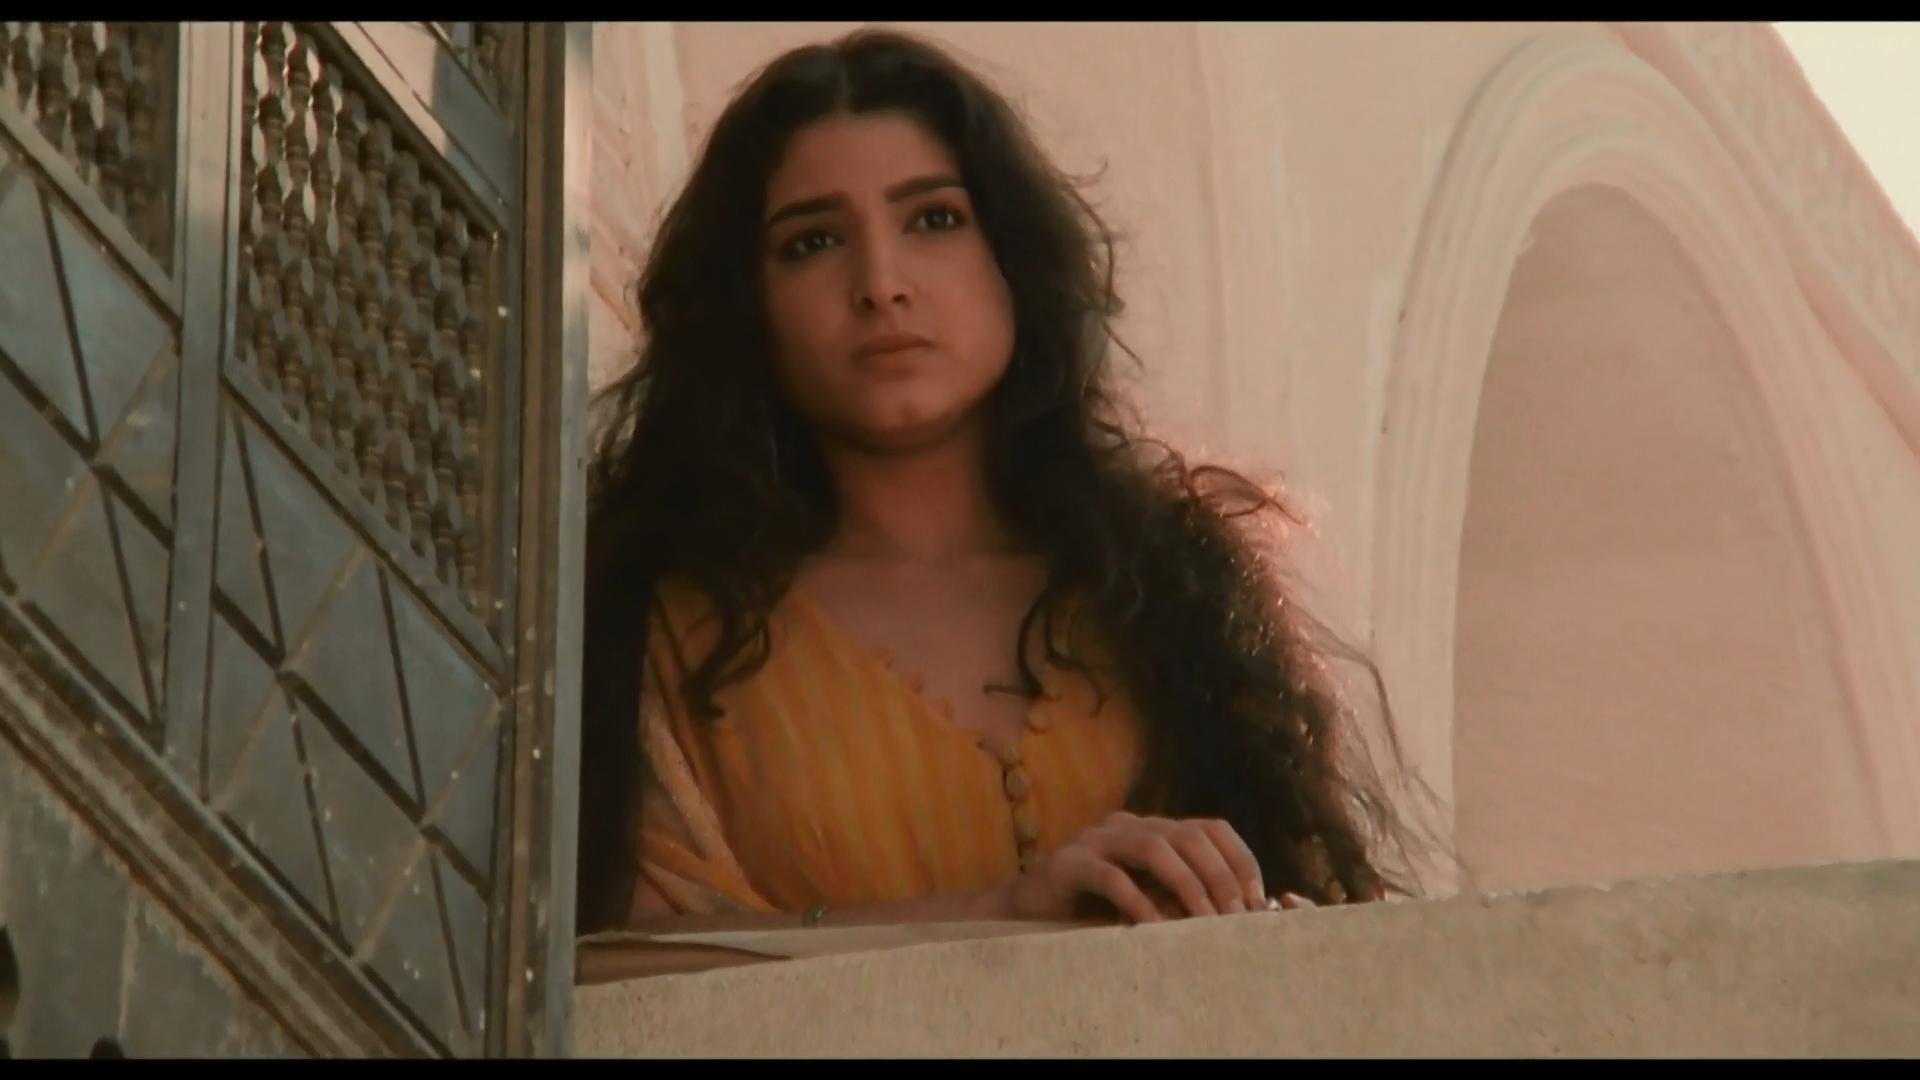 [فيلم][تورنت][تحميل][المصير][1997][1080p][HDTV] 11 arabp2p.com